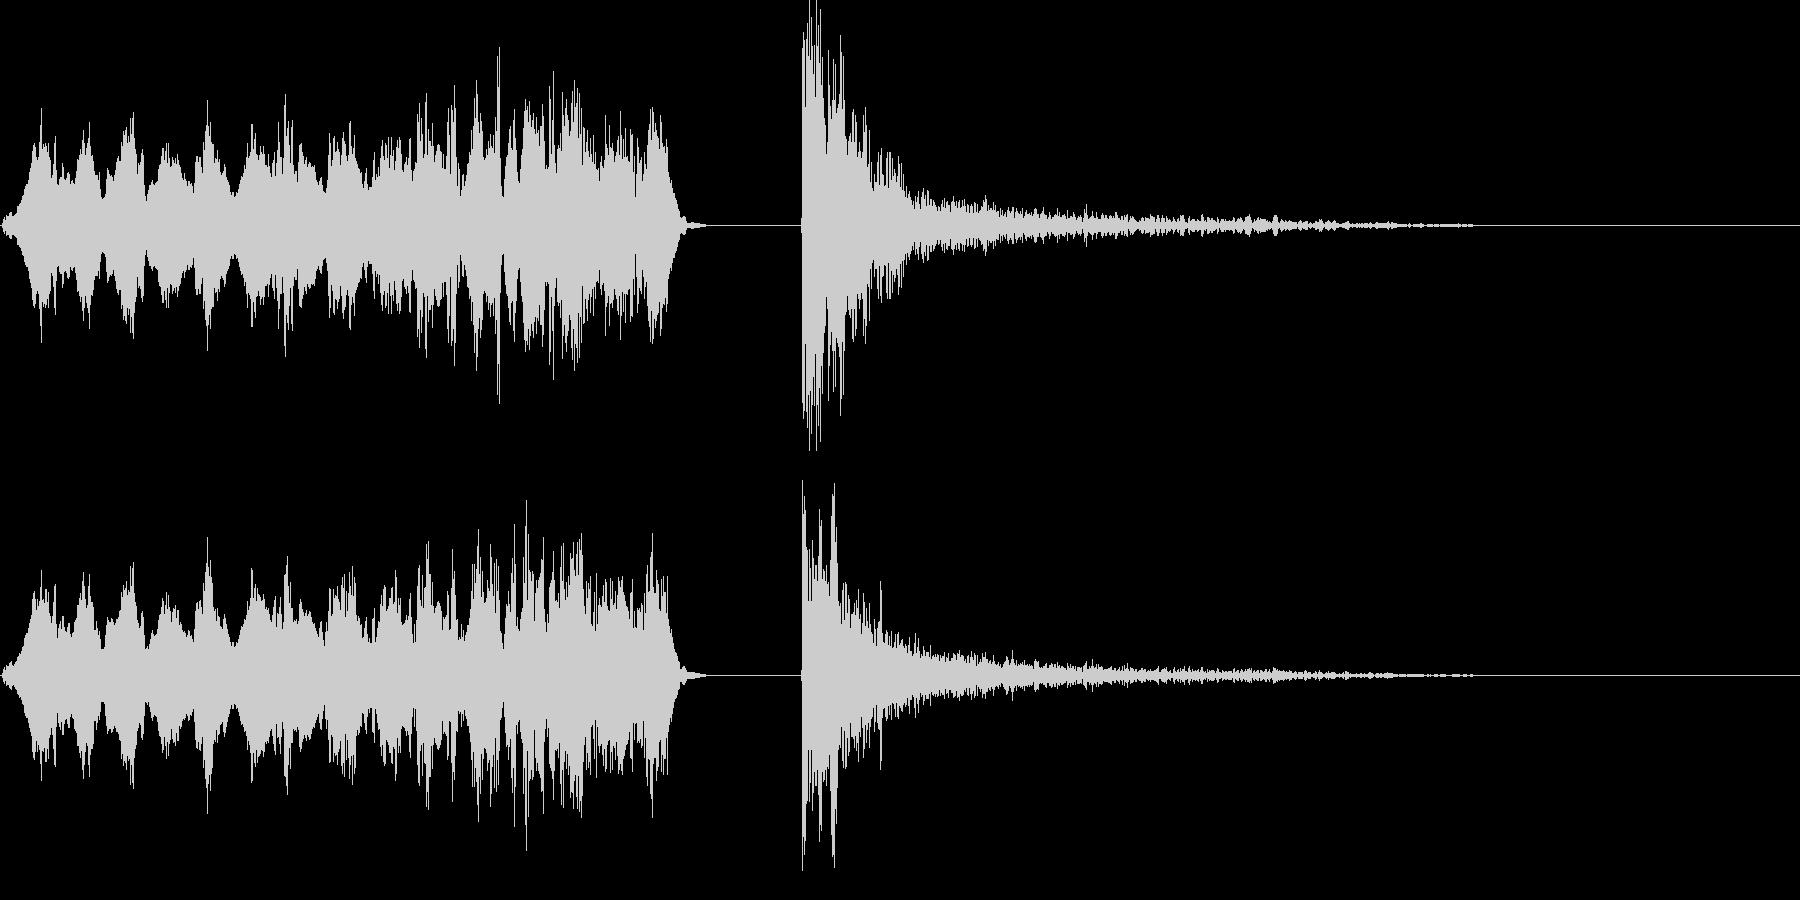 溜め攻撃音01の未再生の波形